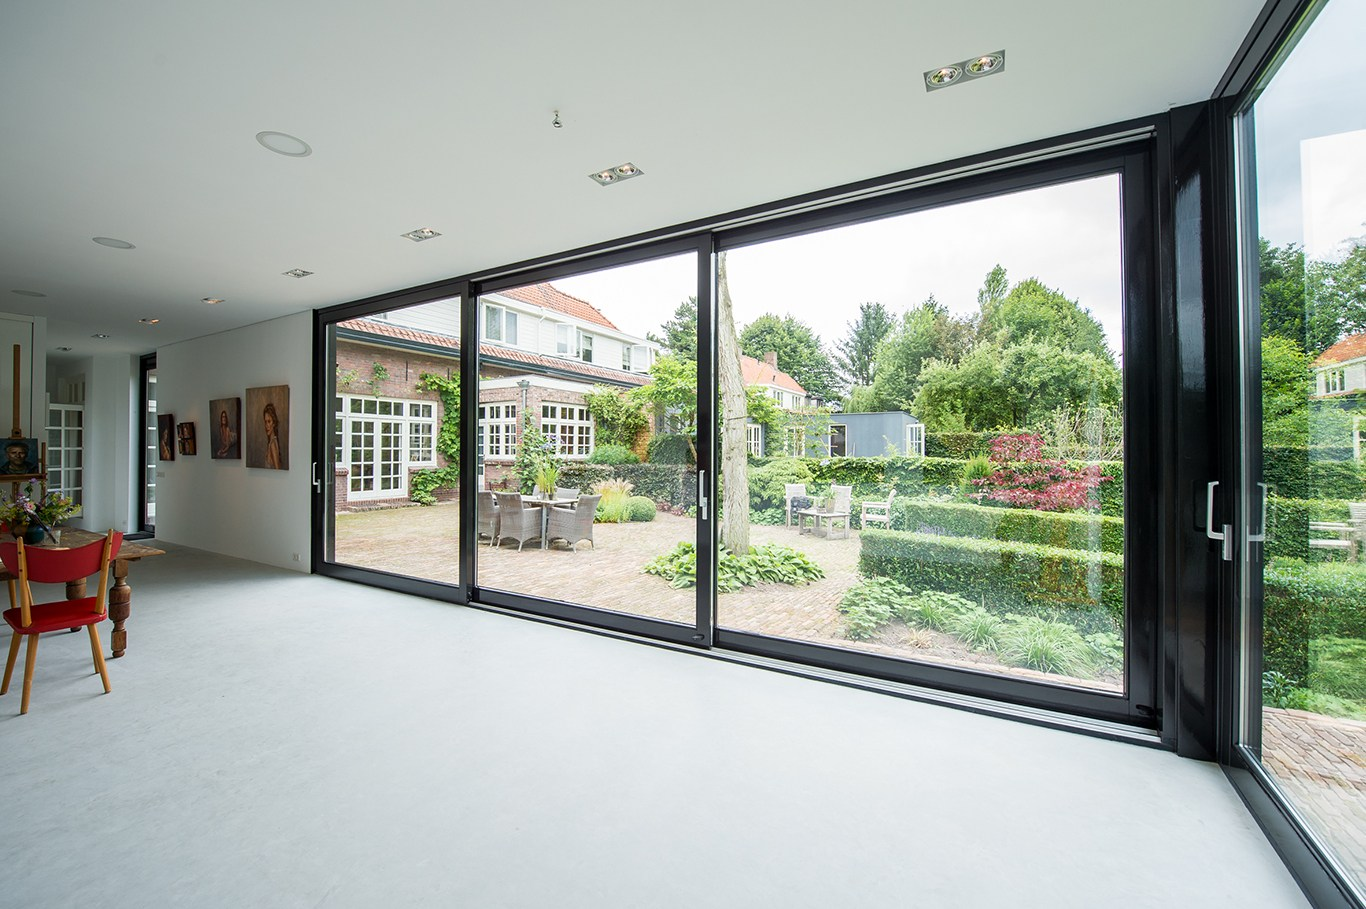 Atelier voor portretschilder in Breda. De grote glazen schuifpuien geven zicht op de bestaande woning en en de tuin.